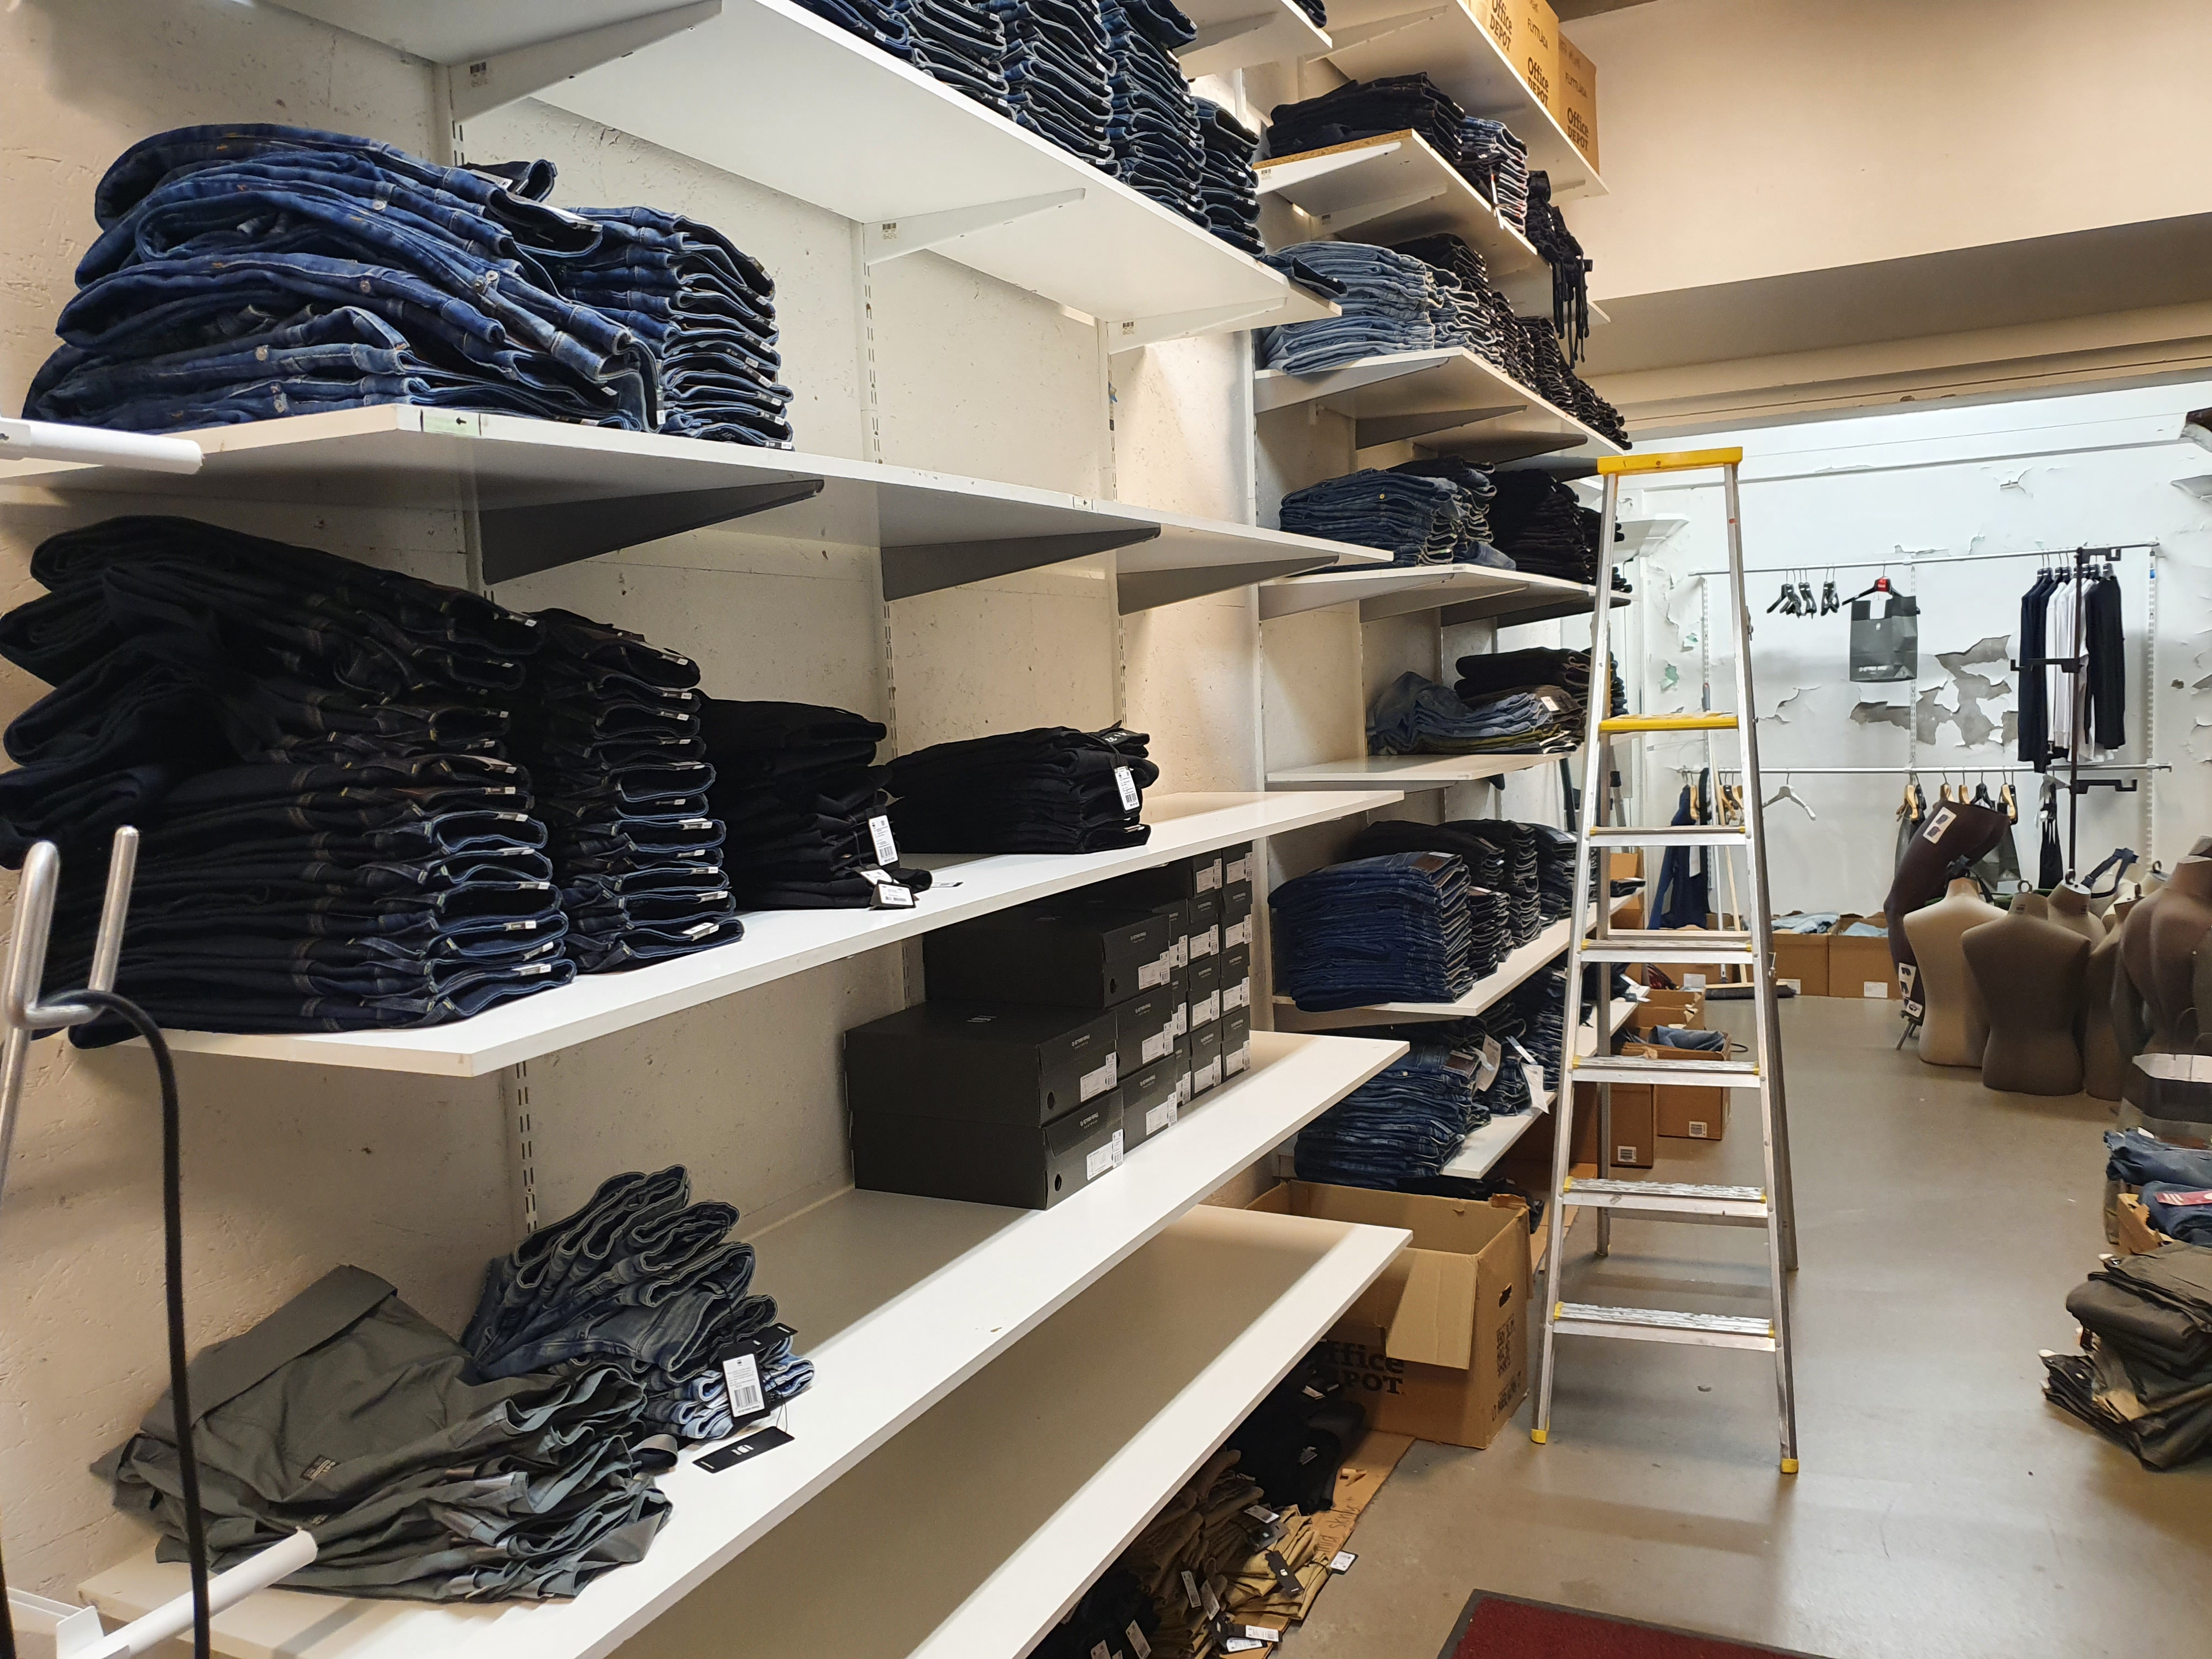 Komplett butiksinredning från G Star butik i Lund